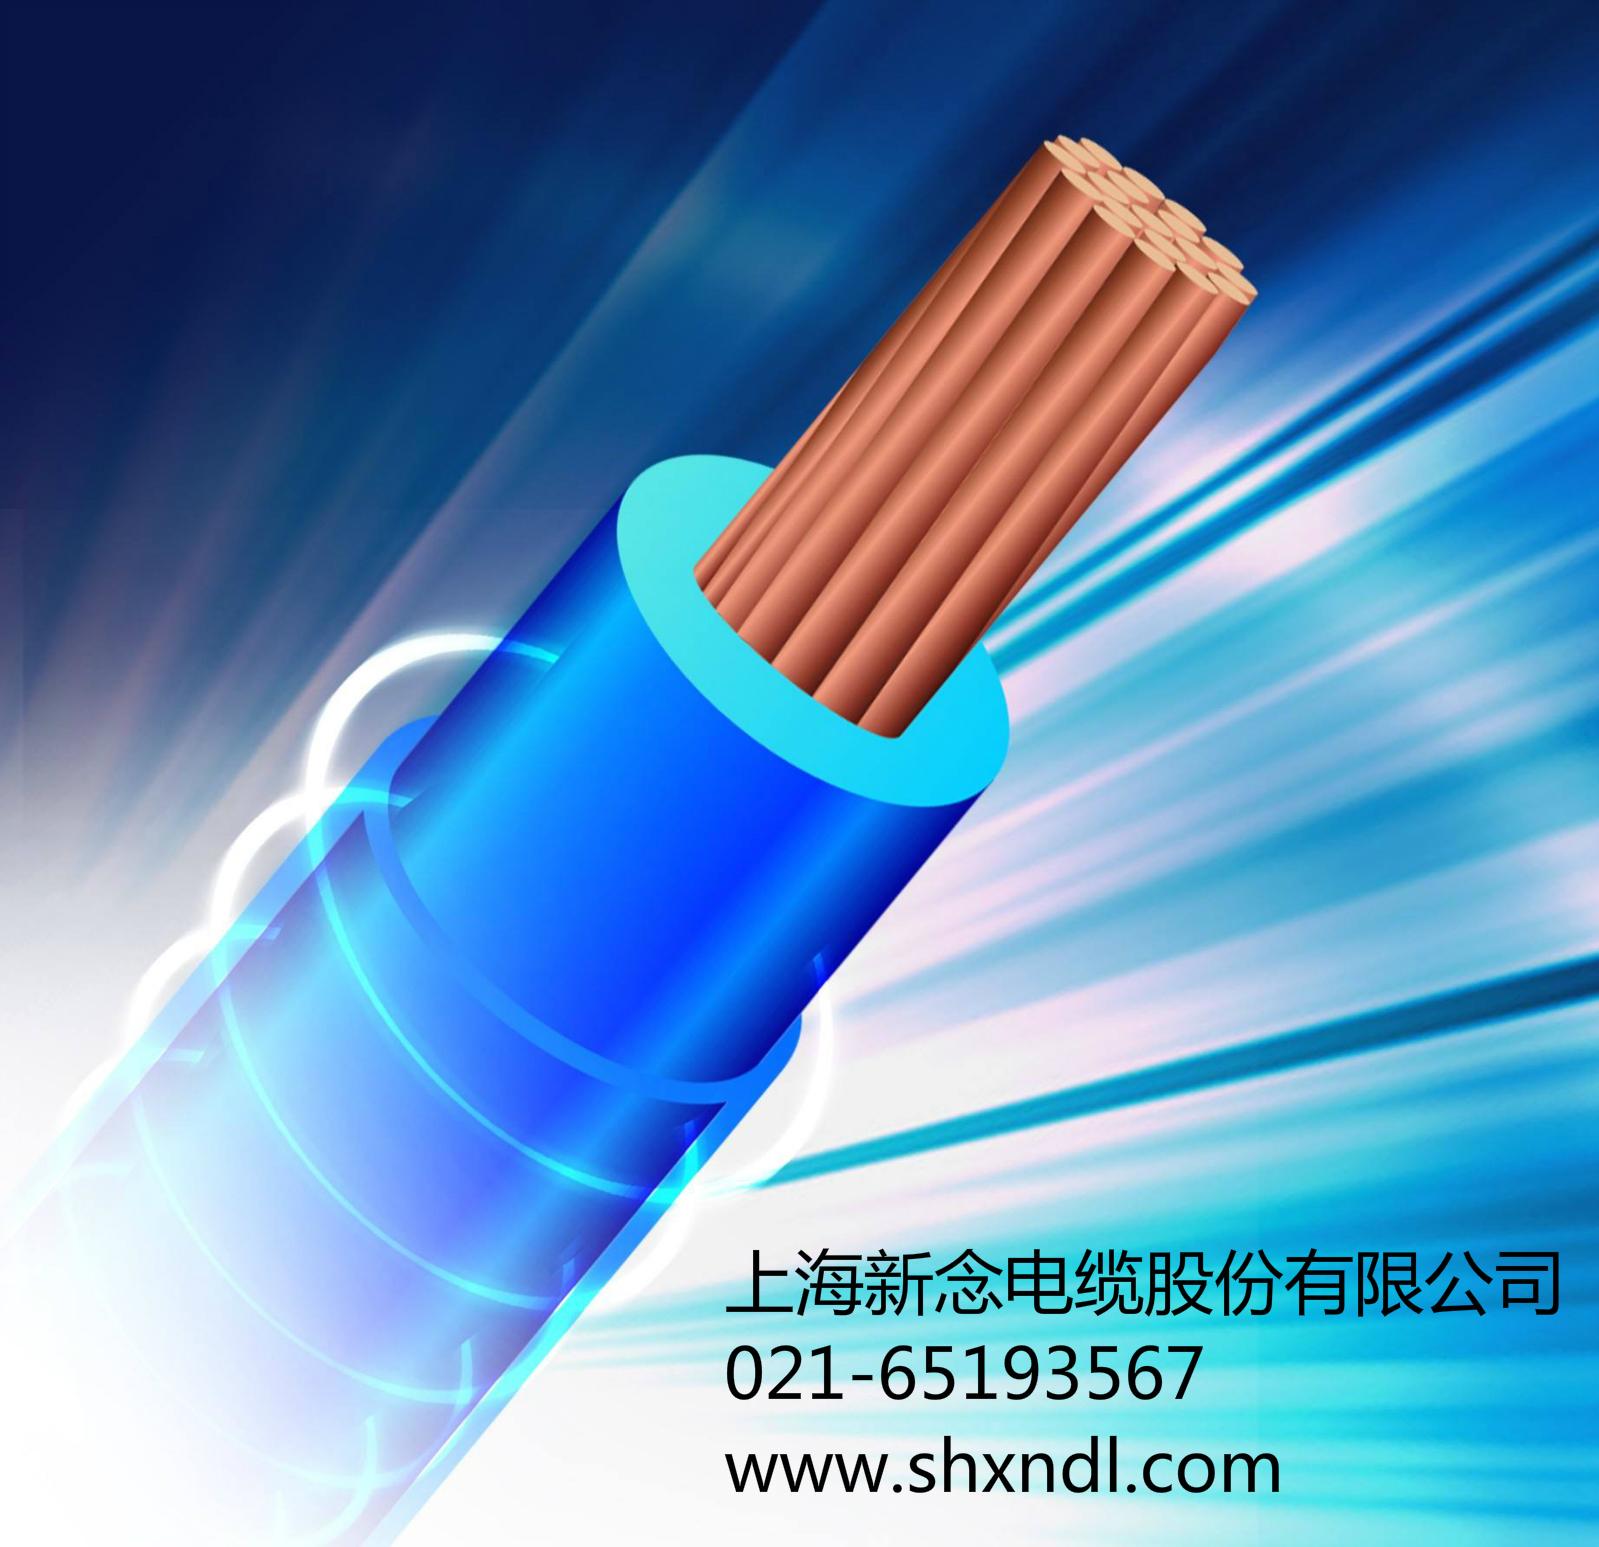 新念电缆小编给您分享架空电缆如何正确防冻